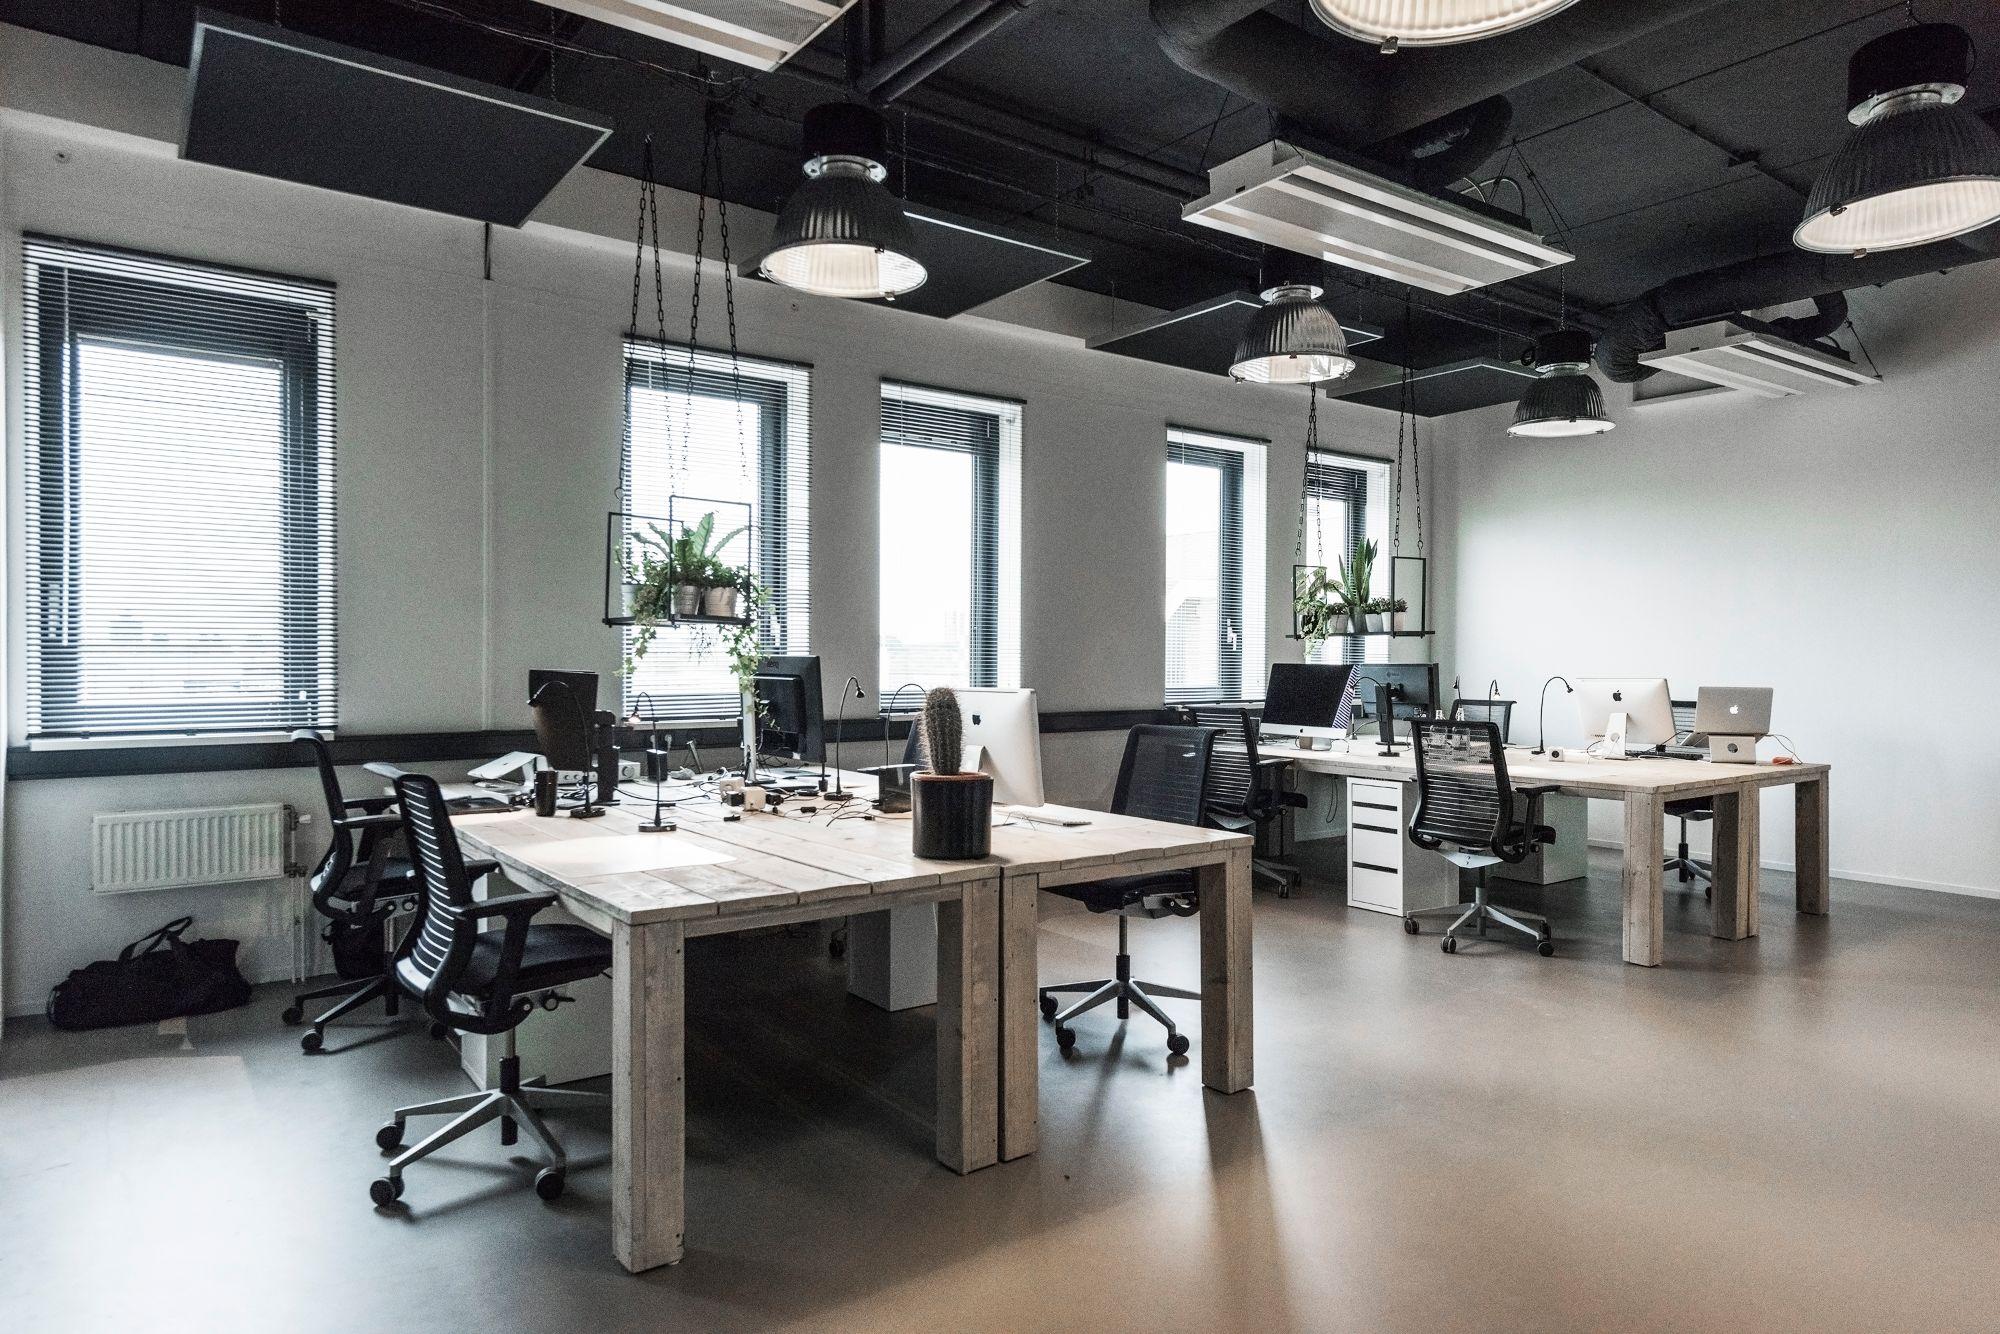 Kantoor Huren Amsterdam : Werkplekken bij zekeringstraat contact amsterdam westpoort